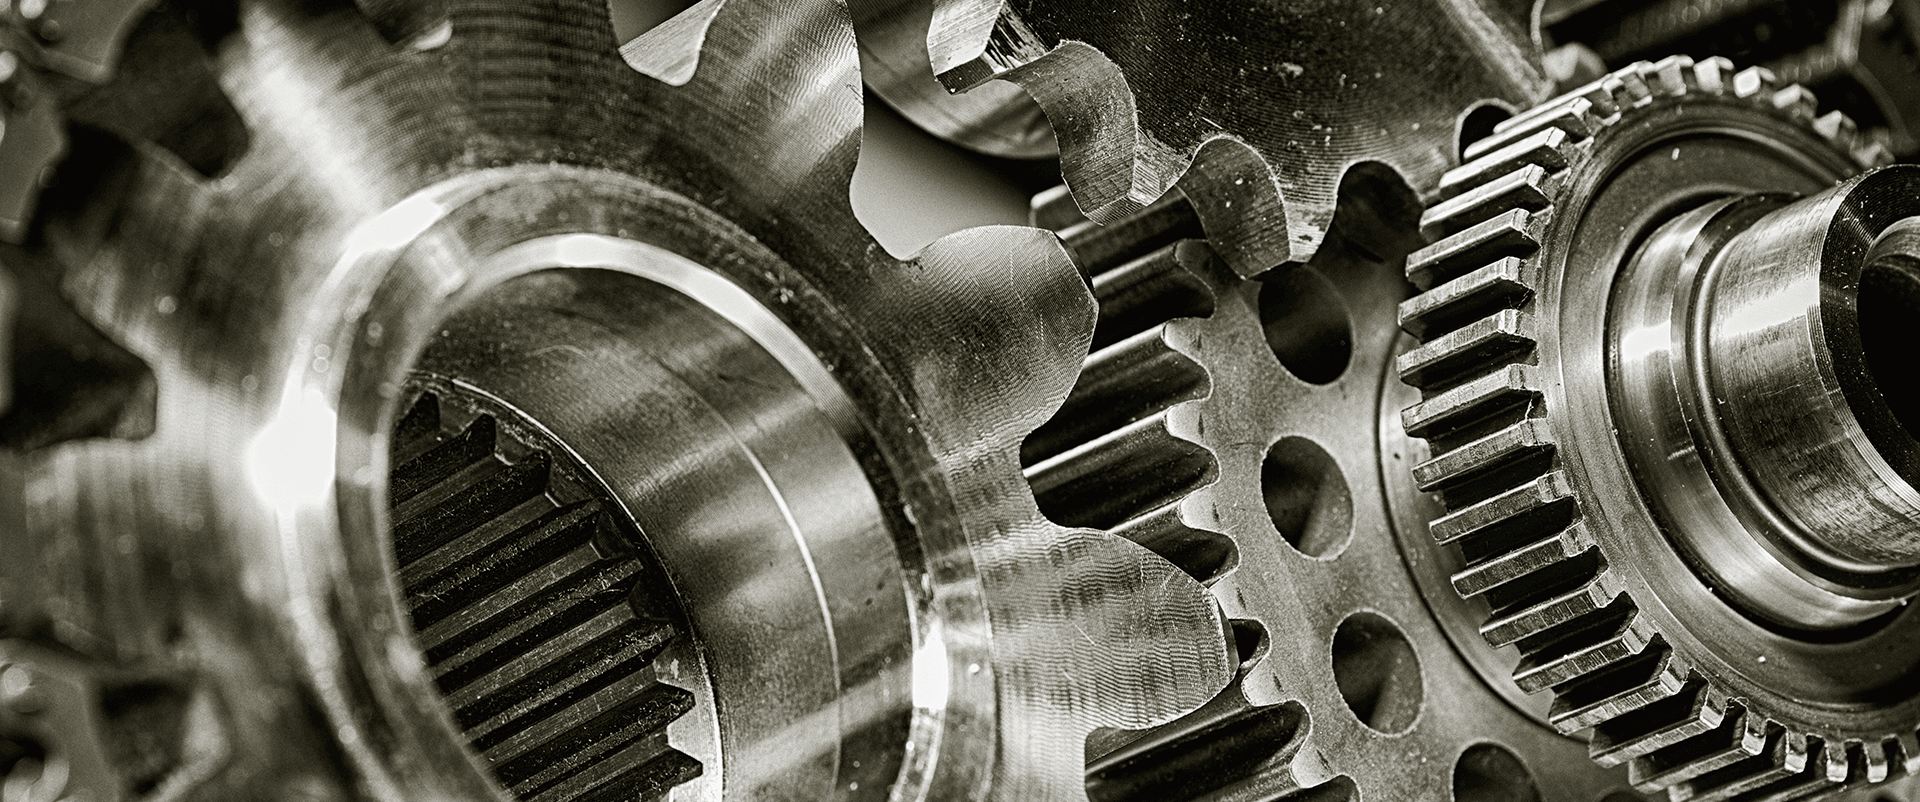 Gears-background-1920x802px_840kb